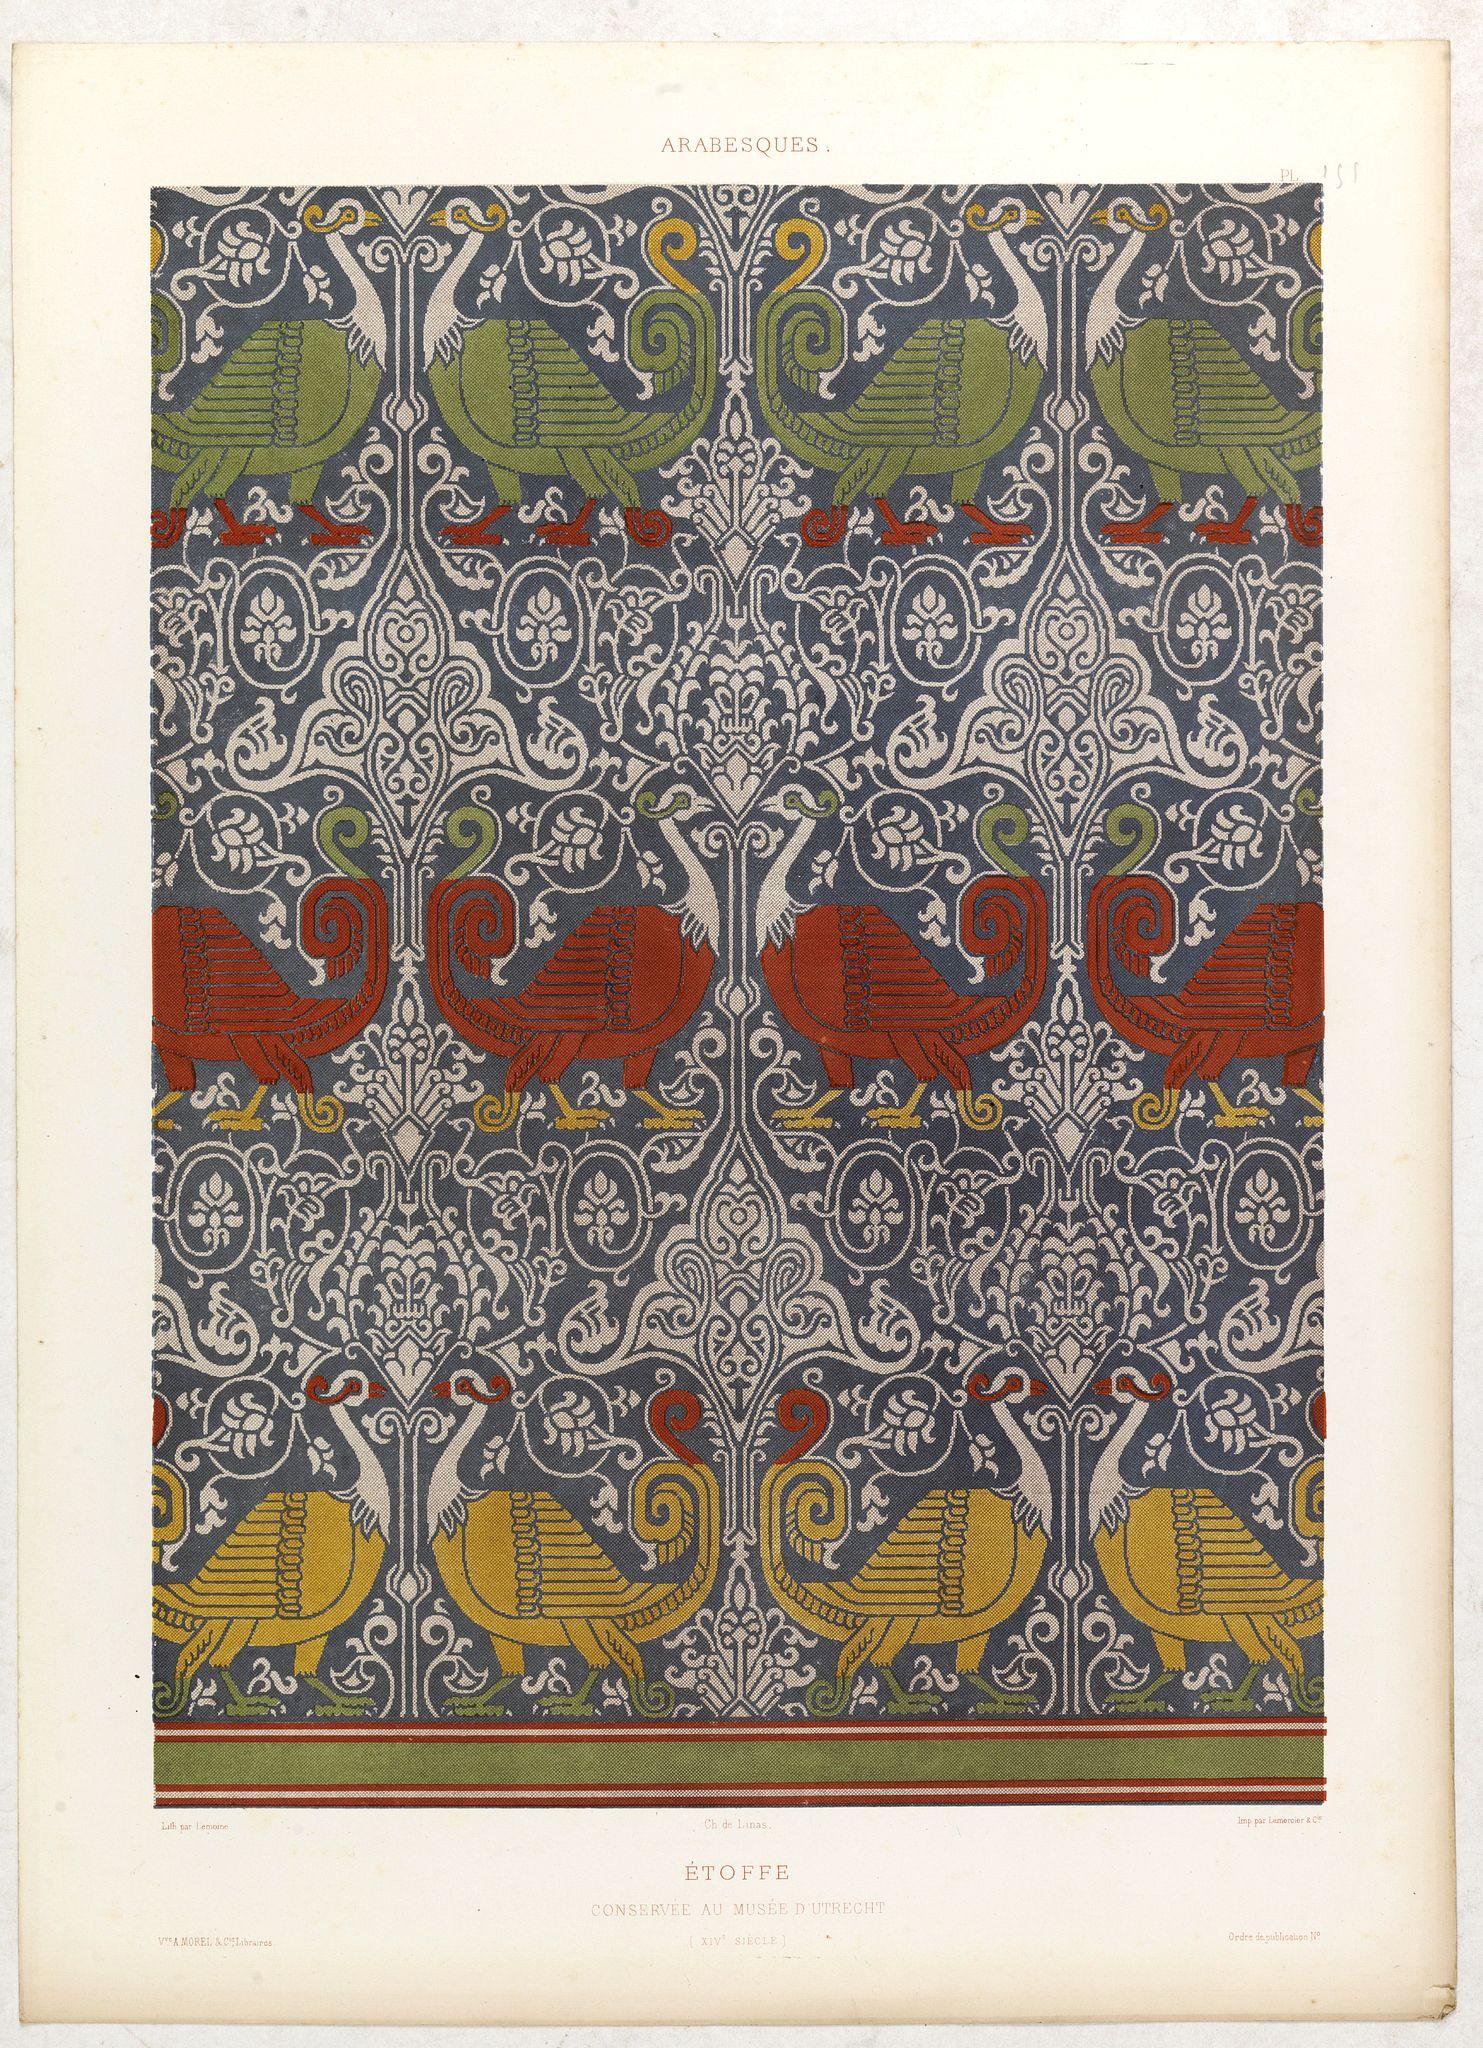 PRISSE D'AVENNES, E. -  Arabesques. - Etoffe conservée au musée d'Utrecht.